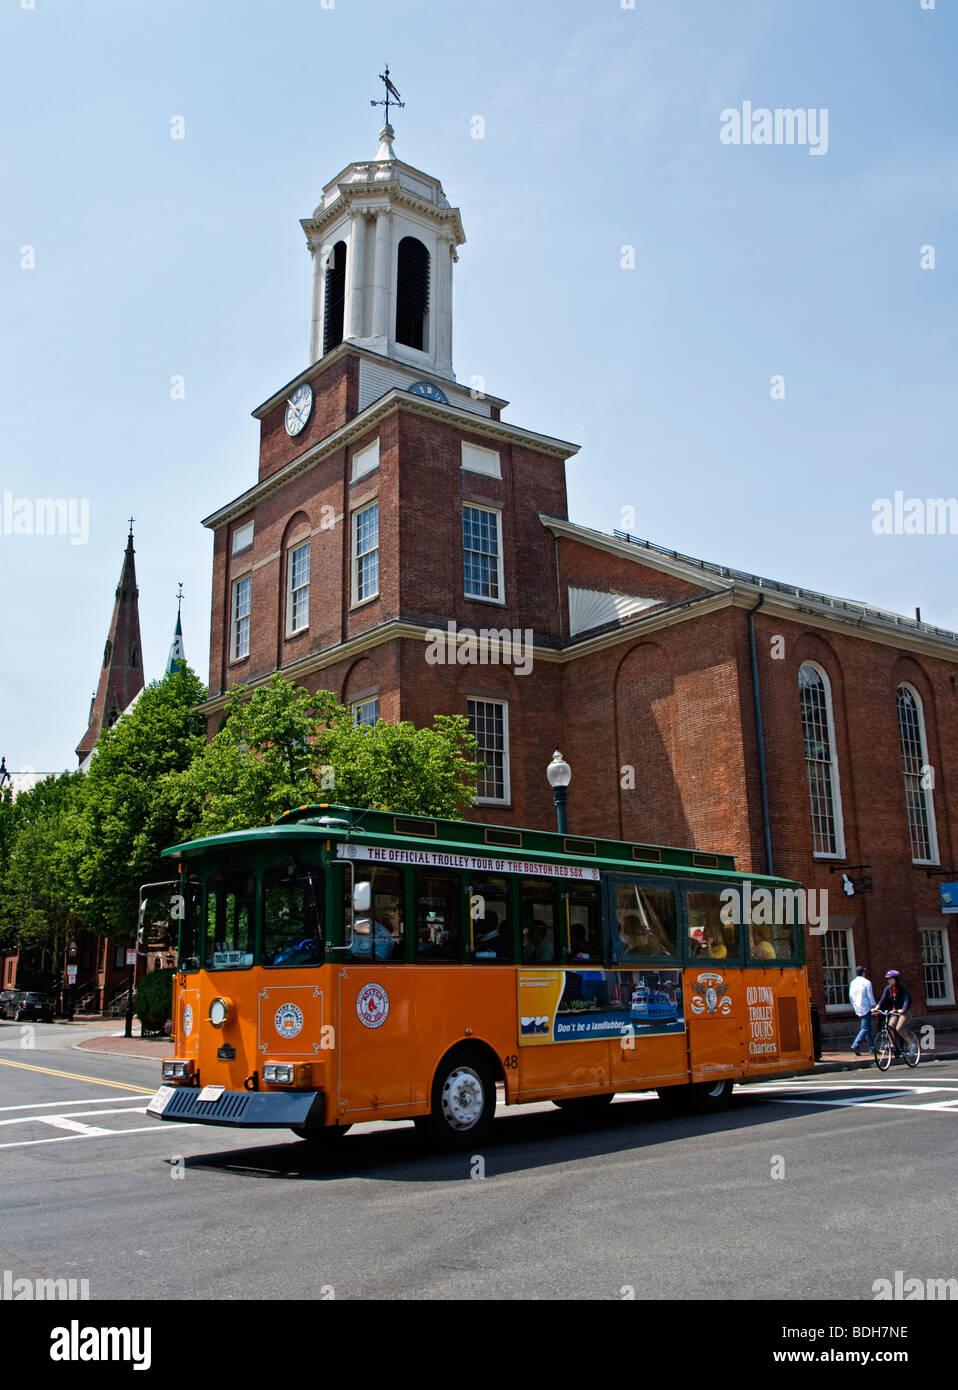 Un tranvía público pasa por delante de la casa de reuniones de Charles Street en Beacon Hill - Boston, Imagen De Stock